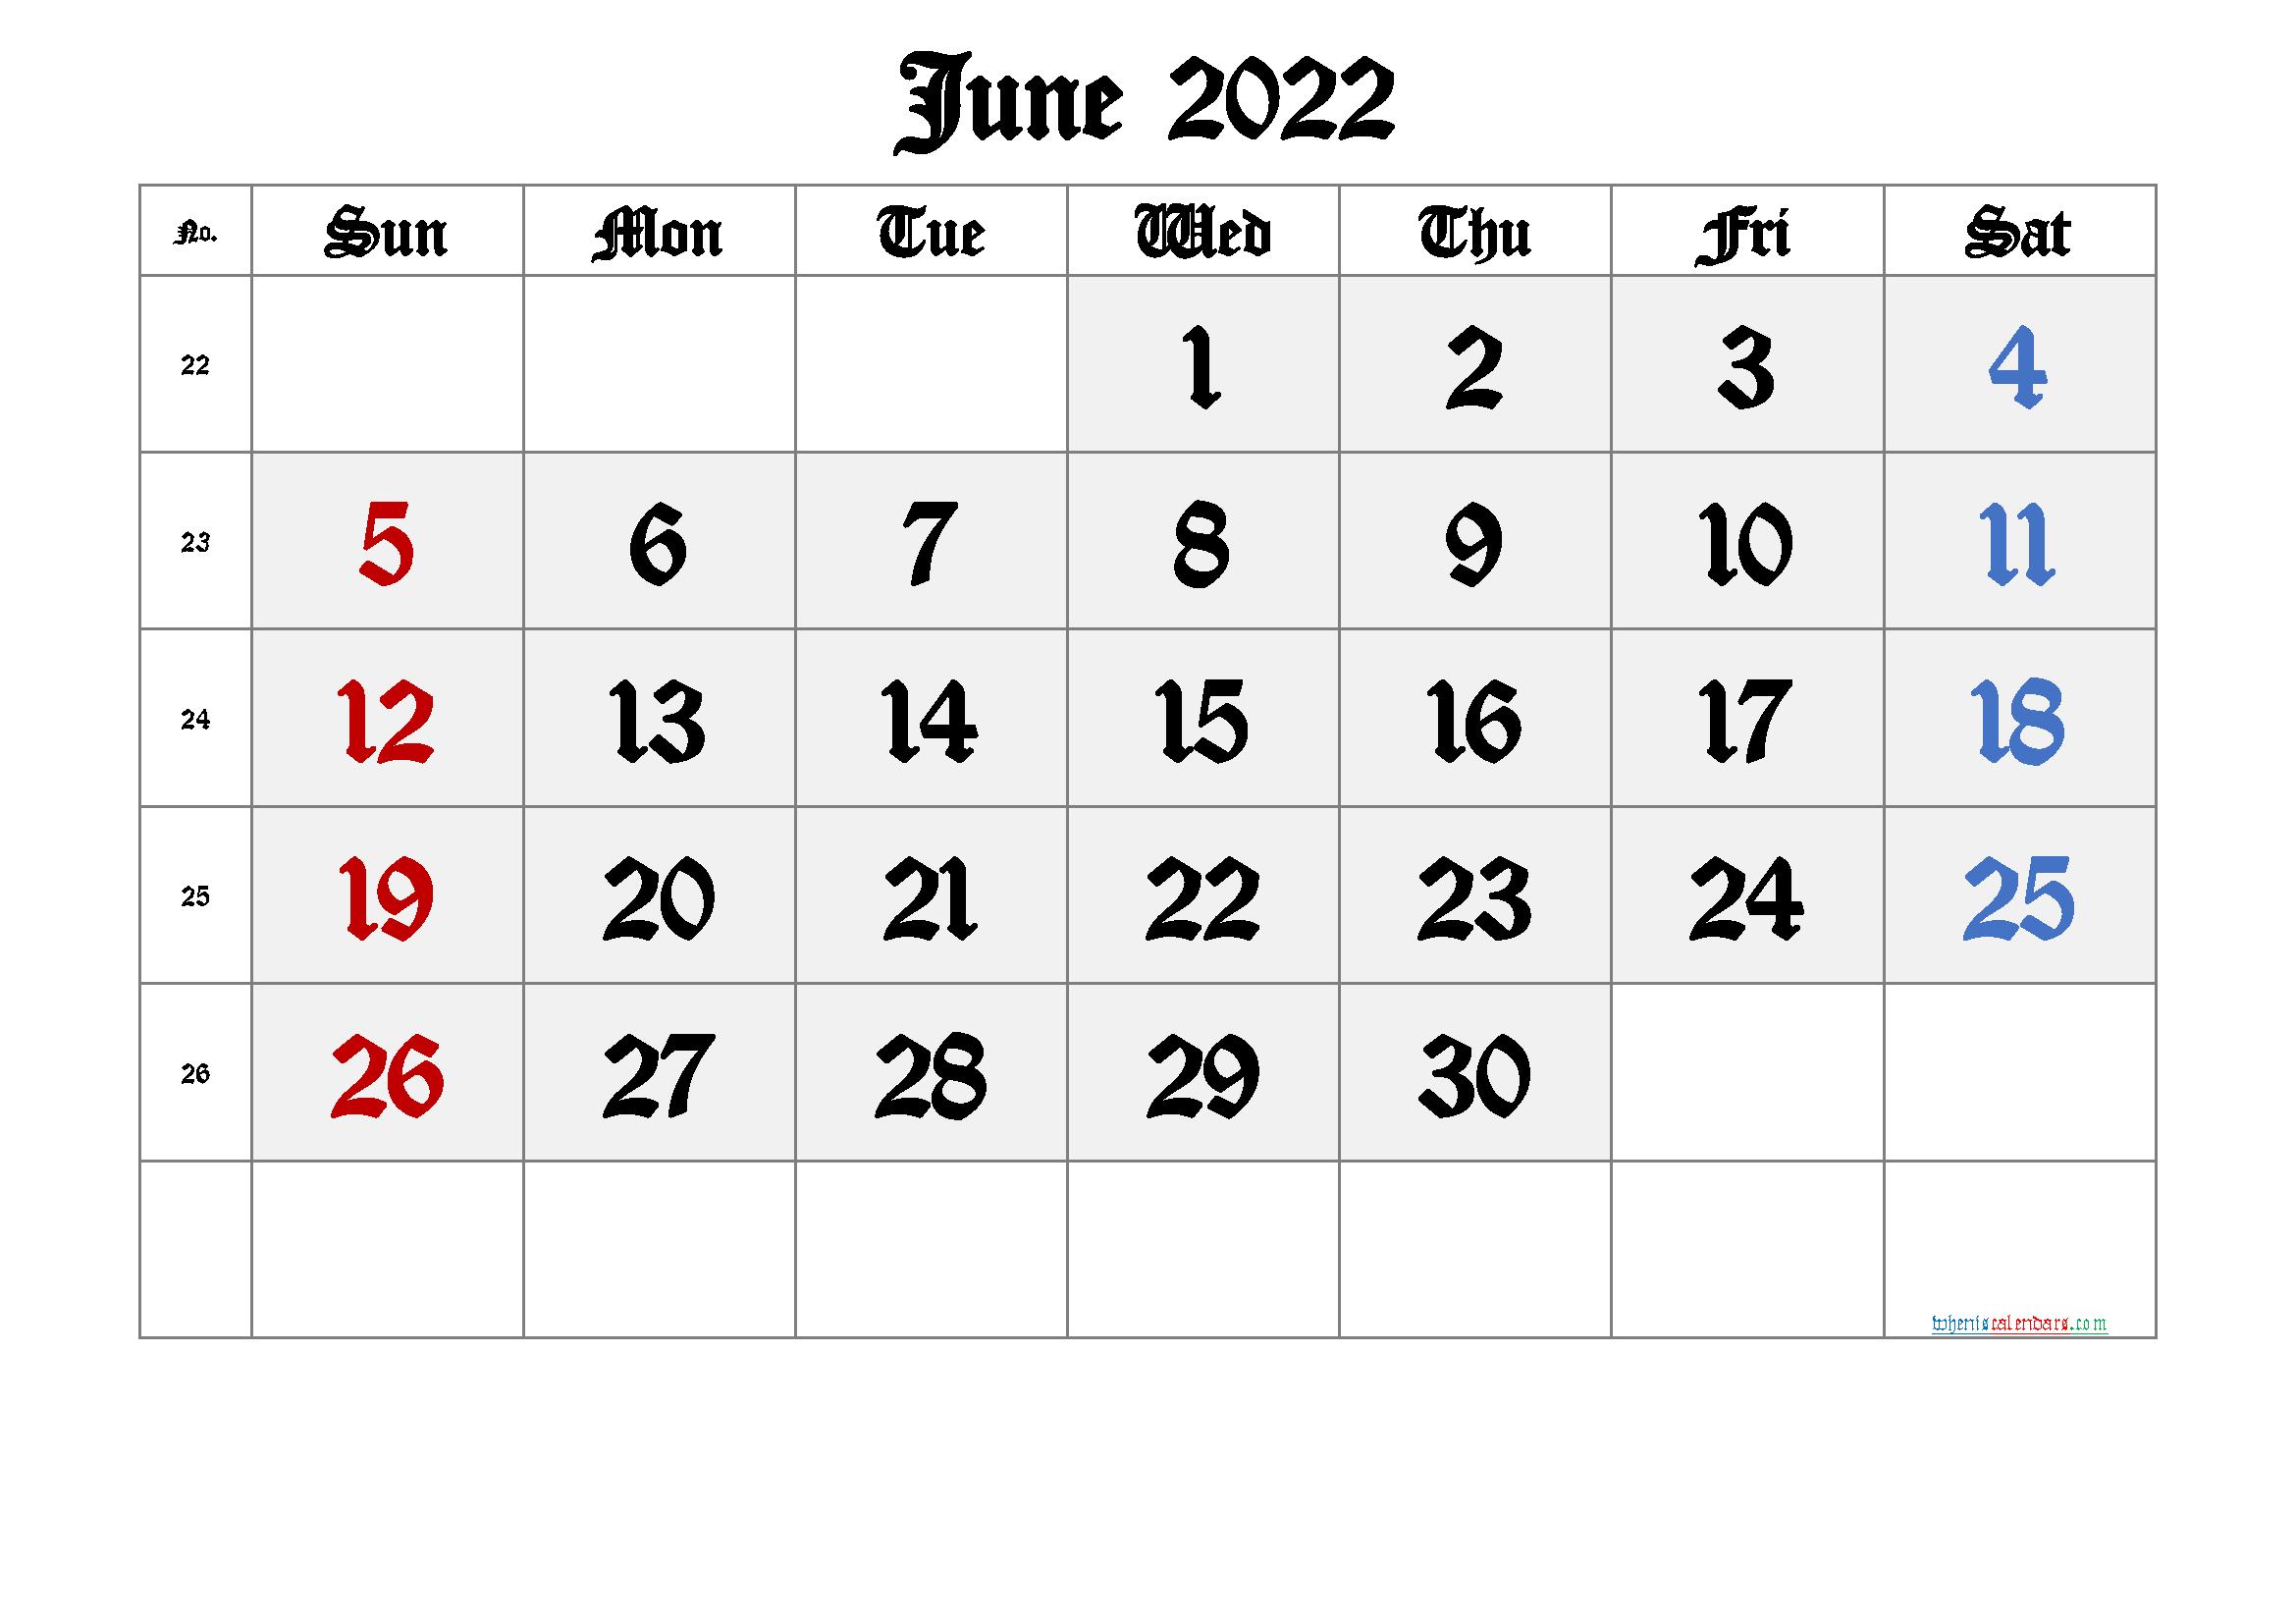 Printable June 2022 Calendar with Week Numbers